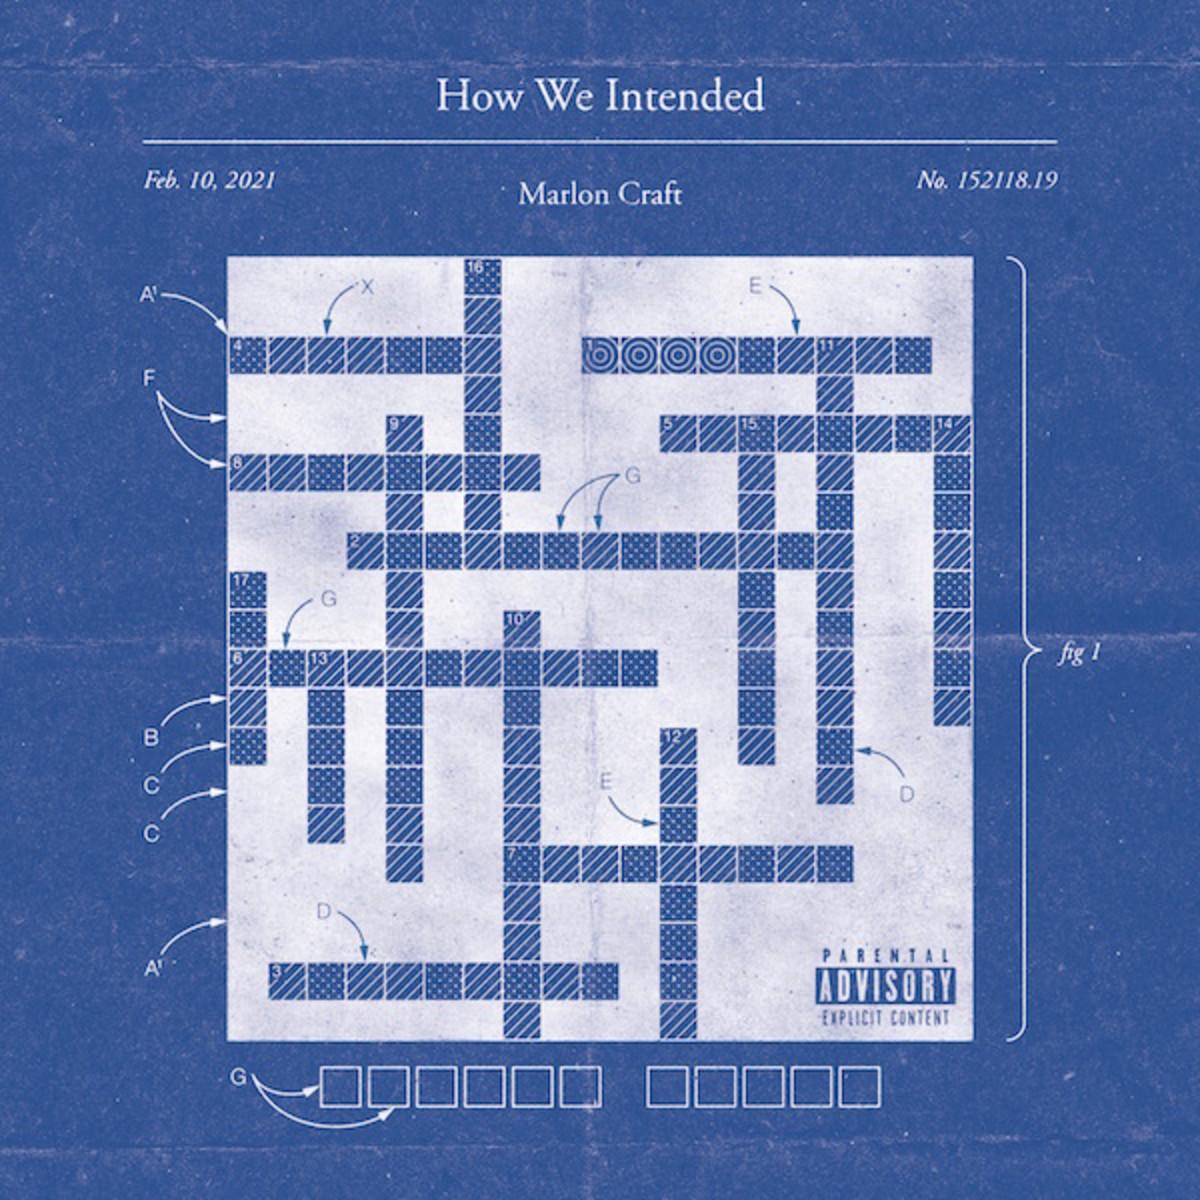 Марлон Крафт поделился новым альбомом «Как мы задумывались»